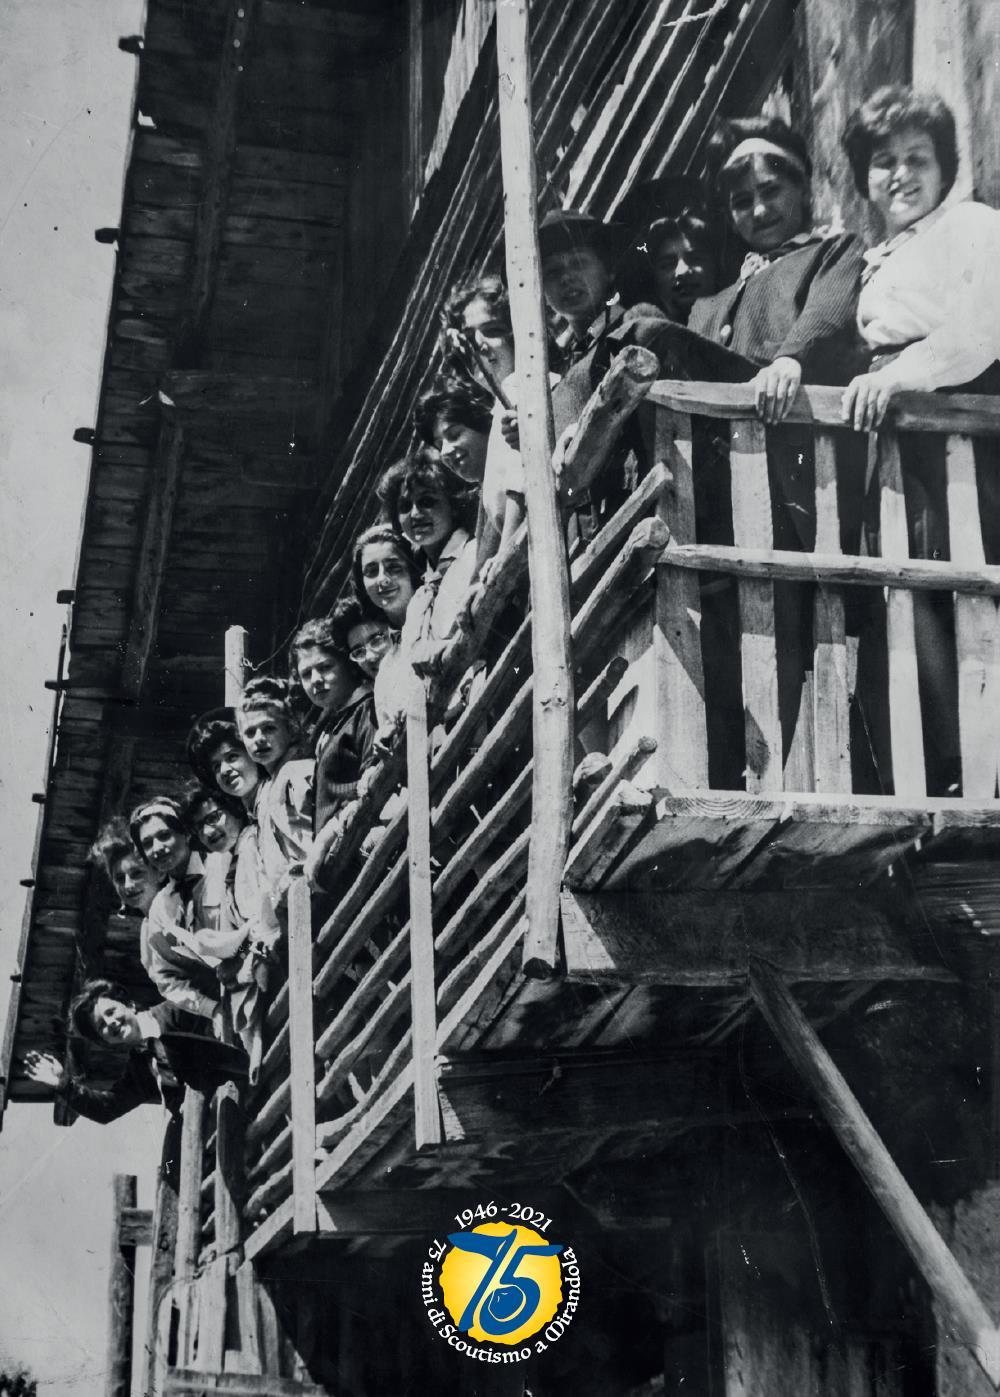 Mirandola celebra il 75° della rinascita dello scautismo